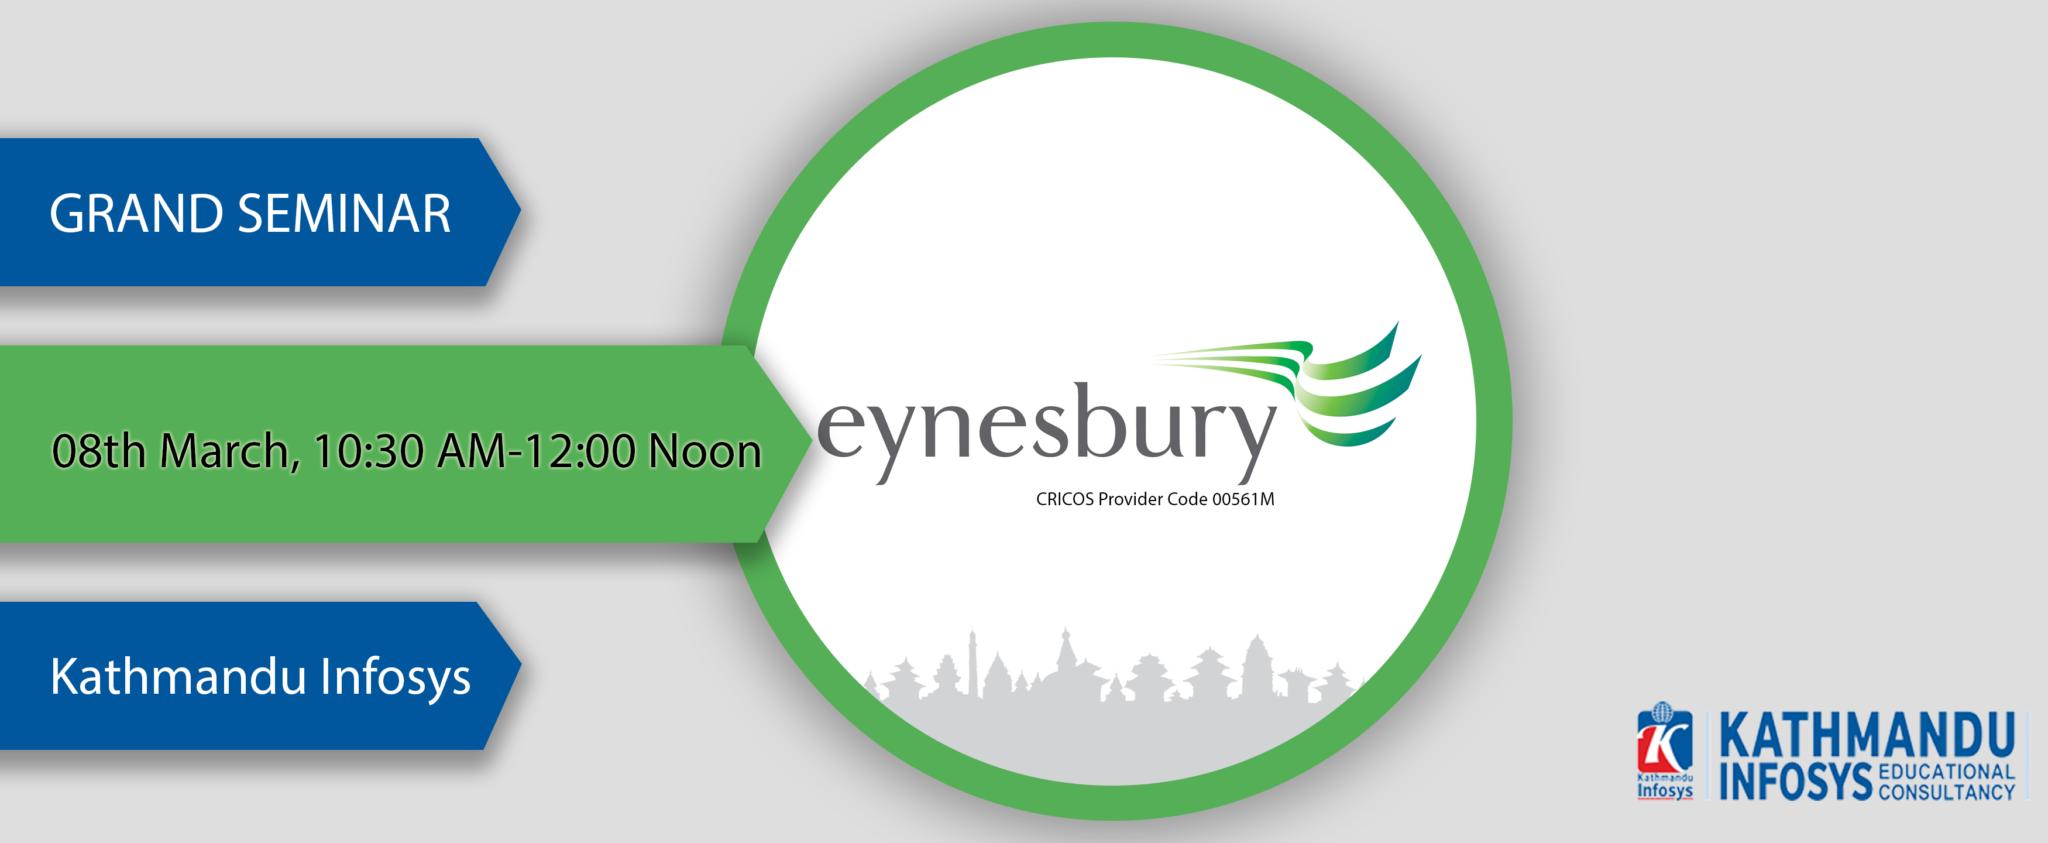 eynesbury seminar at kathmandu infosys